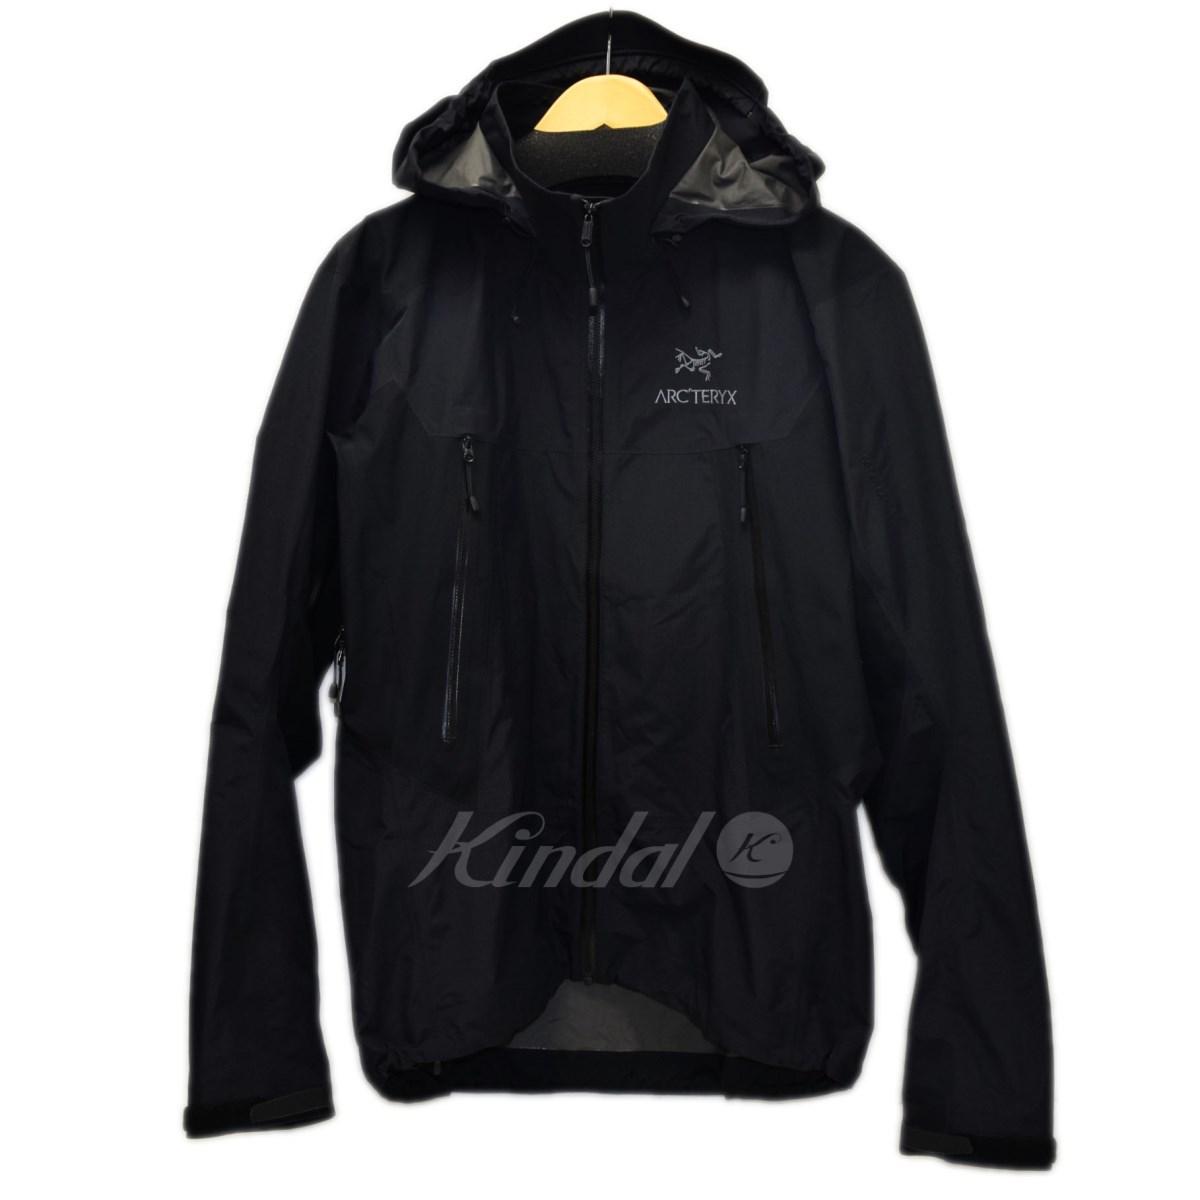 【中古】ARCTERYX Beta SL Hybrid Jacket ベータ ハイブリッドジャケット ブラック サイズ:M 【送料無料】 【201018】(アークテリクス)